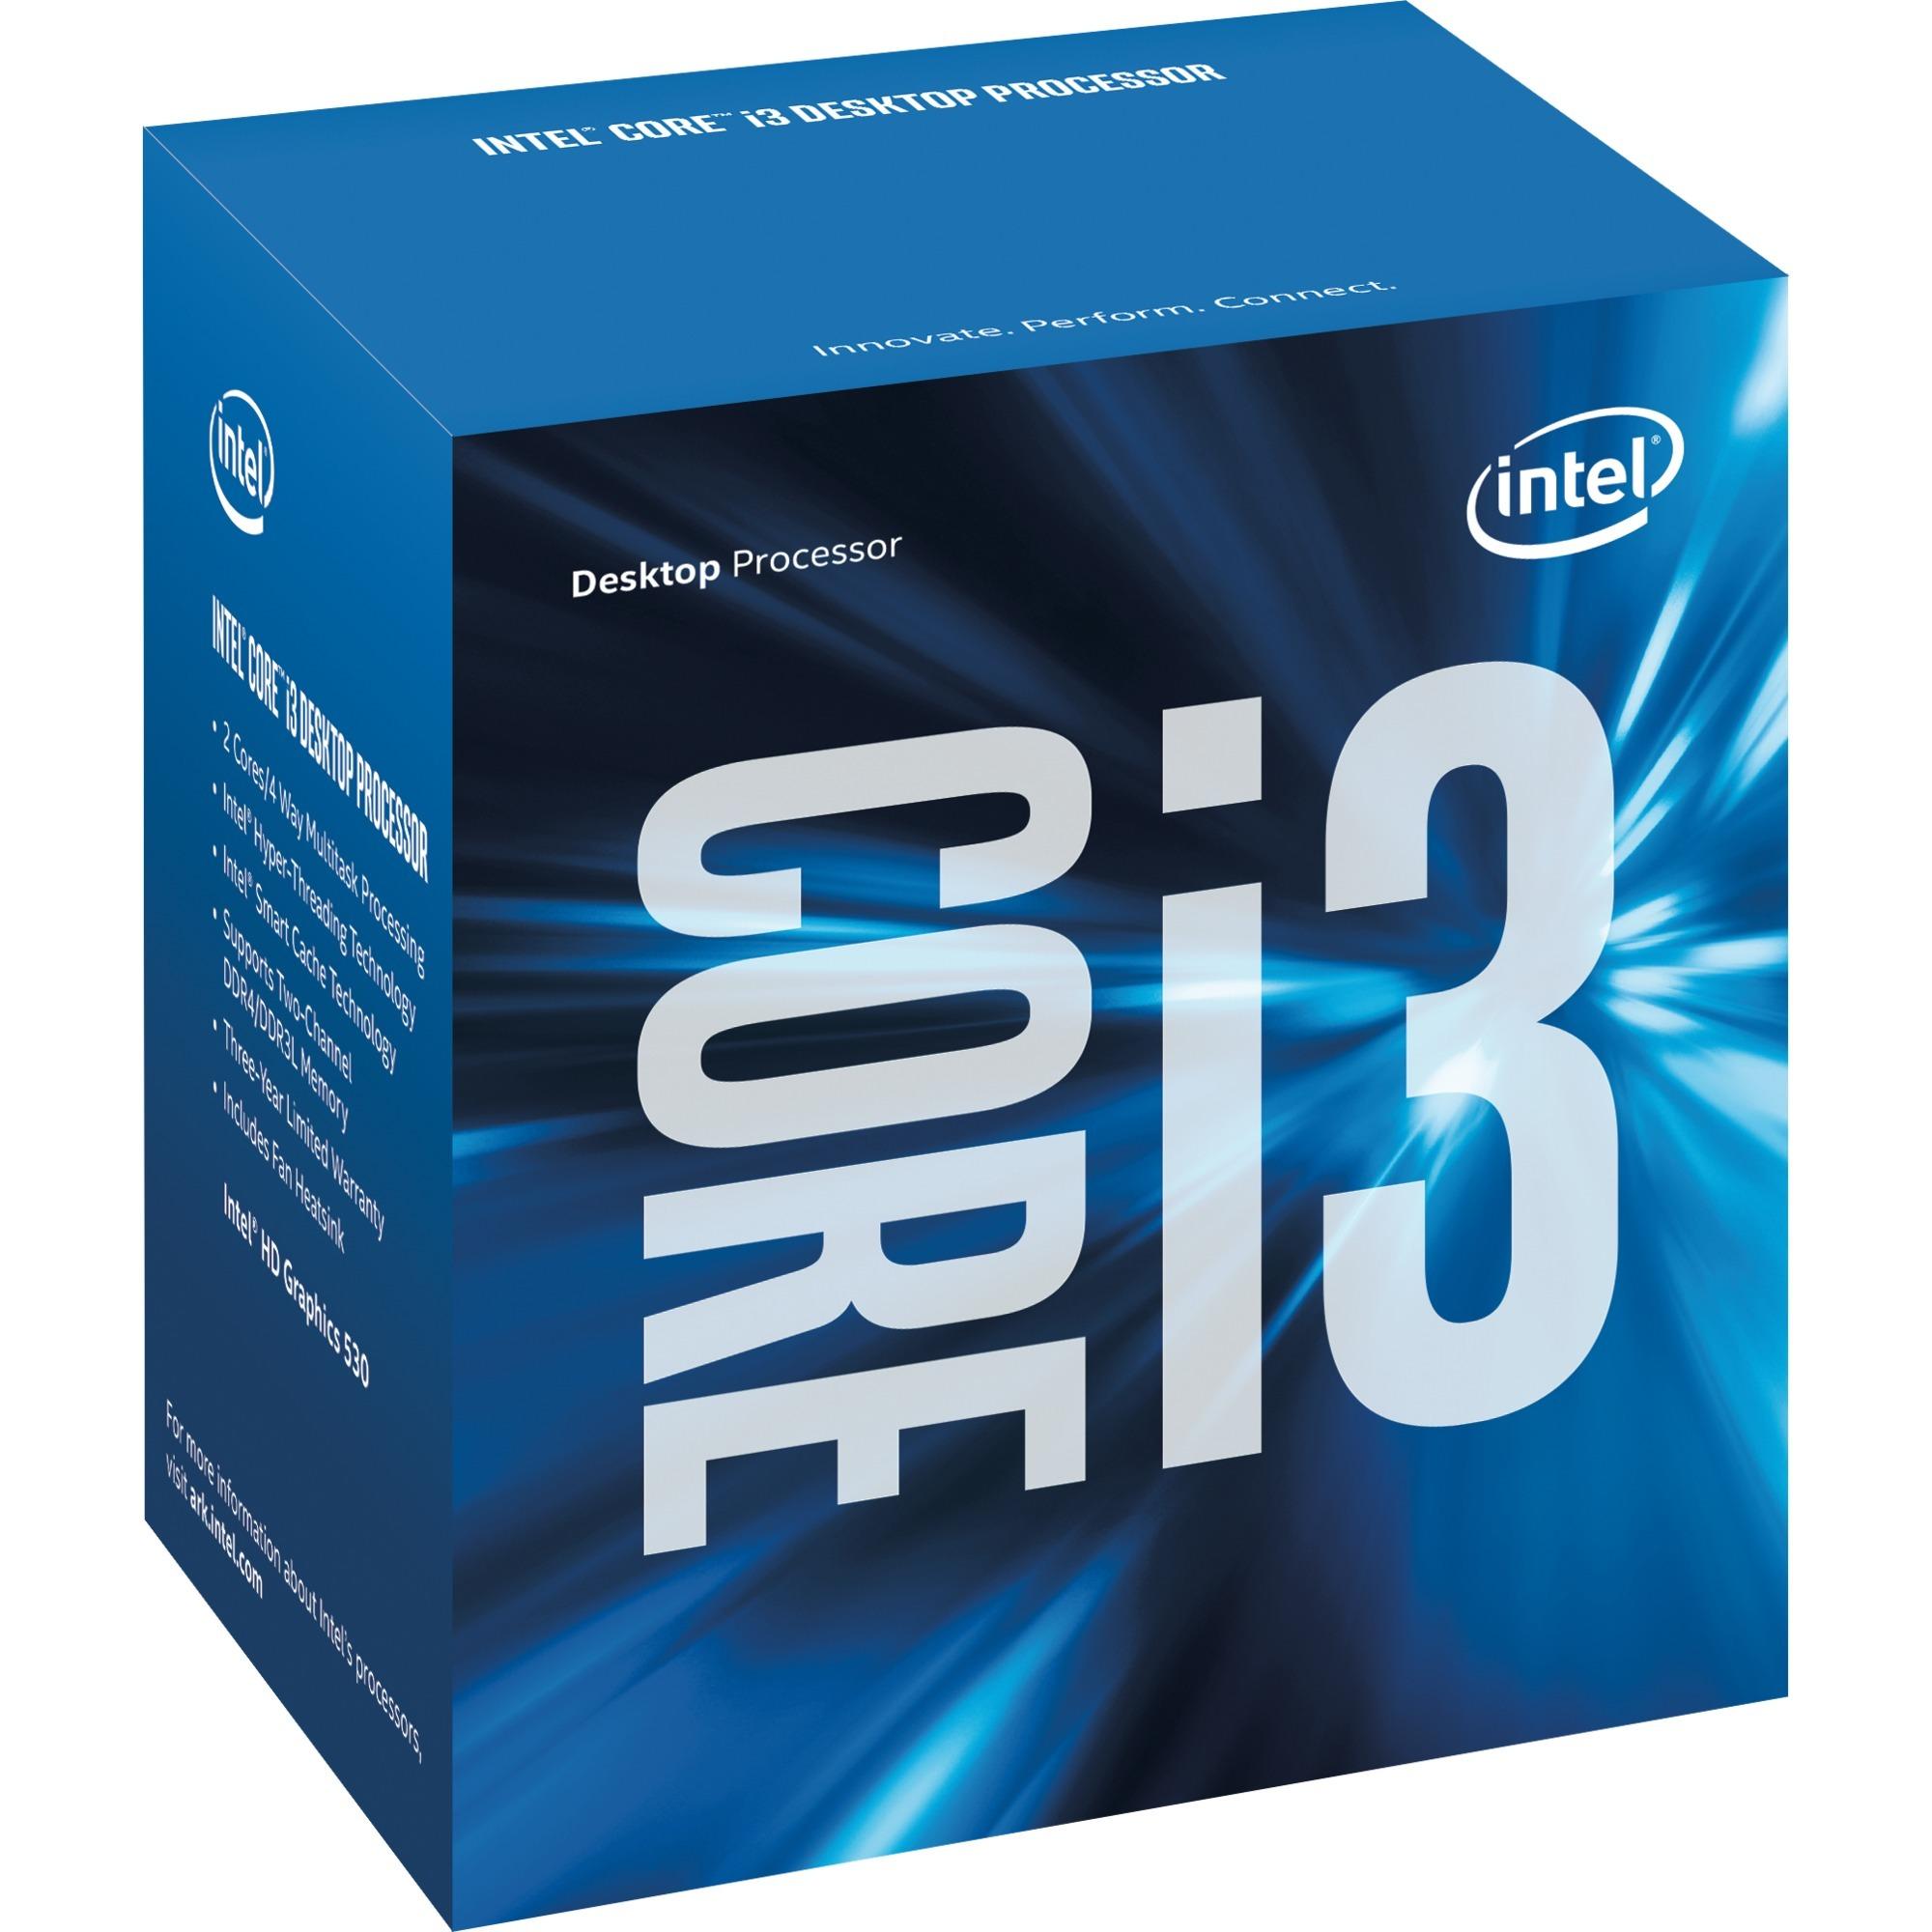 Core i3-6100 Processor (3M Cache, 3.70 GHz) 3.7GHz 3MB L3 Caja procesador